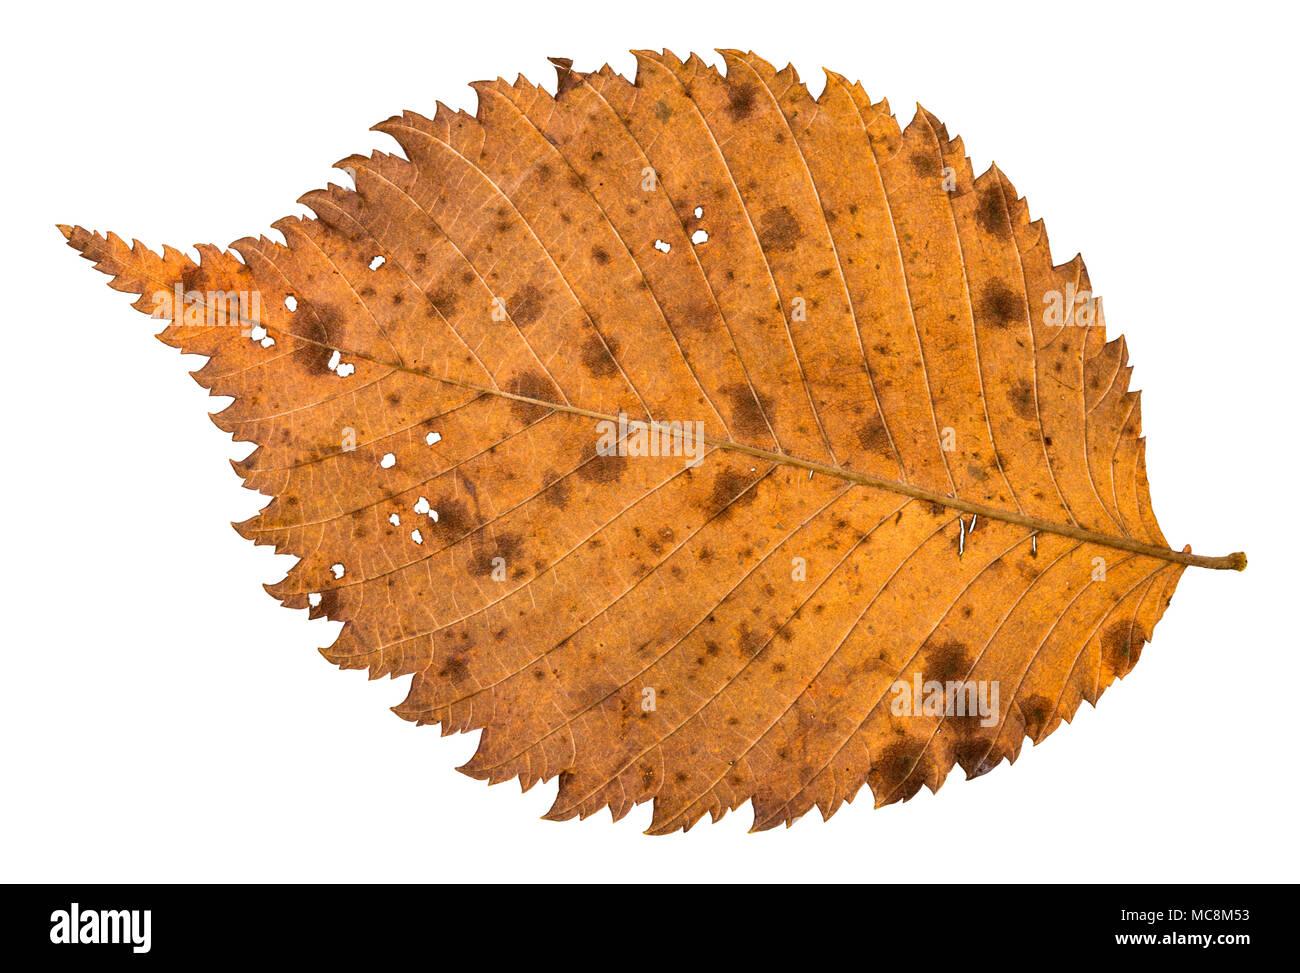 La face arrière de la décomposition des feuilles d'automne holey orme isolé sur fond blanc Photo Stock